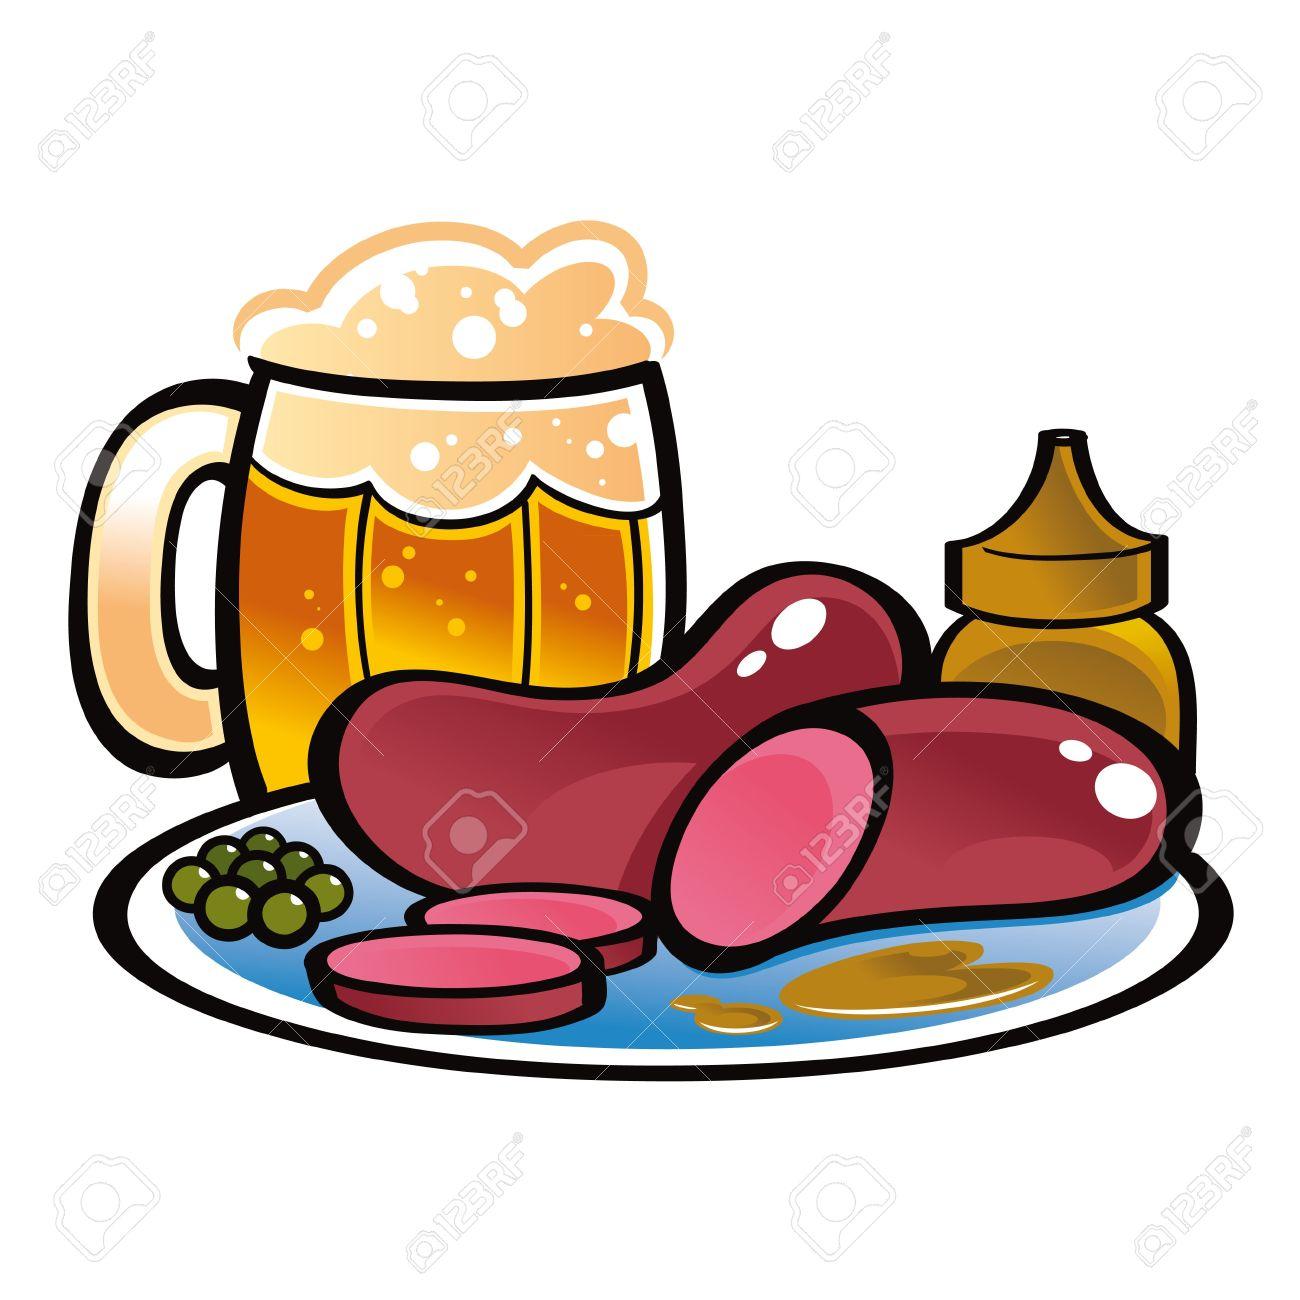 german sausages beer mug food drink mustard peas royalty free rh 123rf com no food and drink clipart food and drink clipart black and white